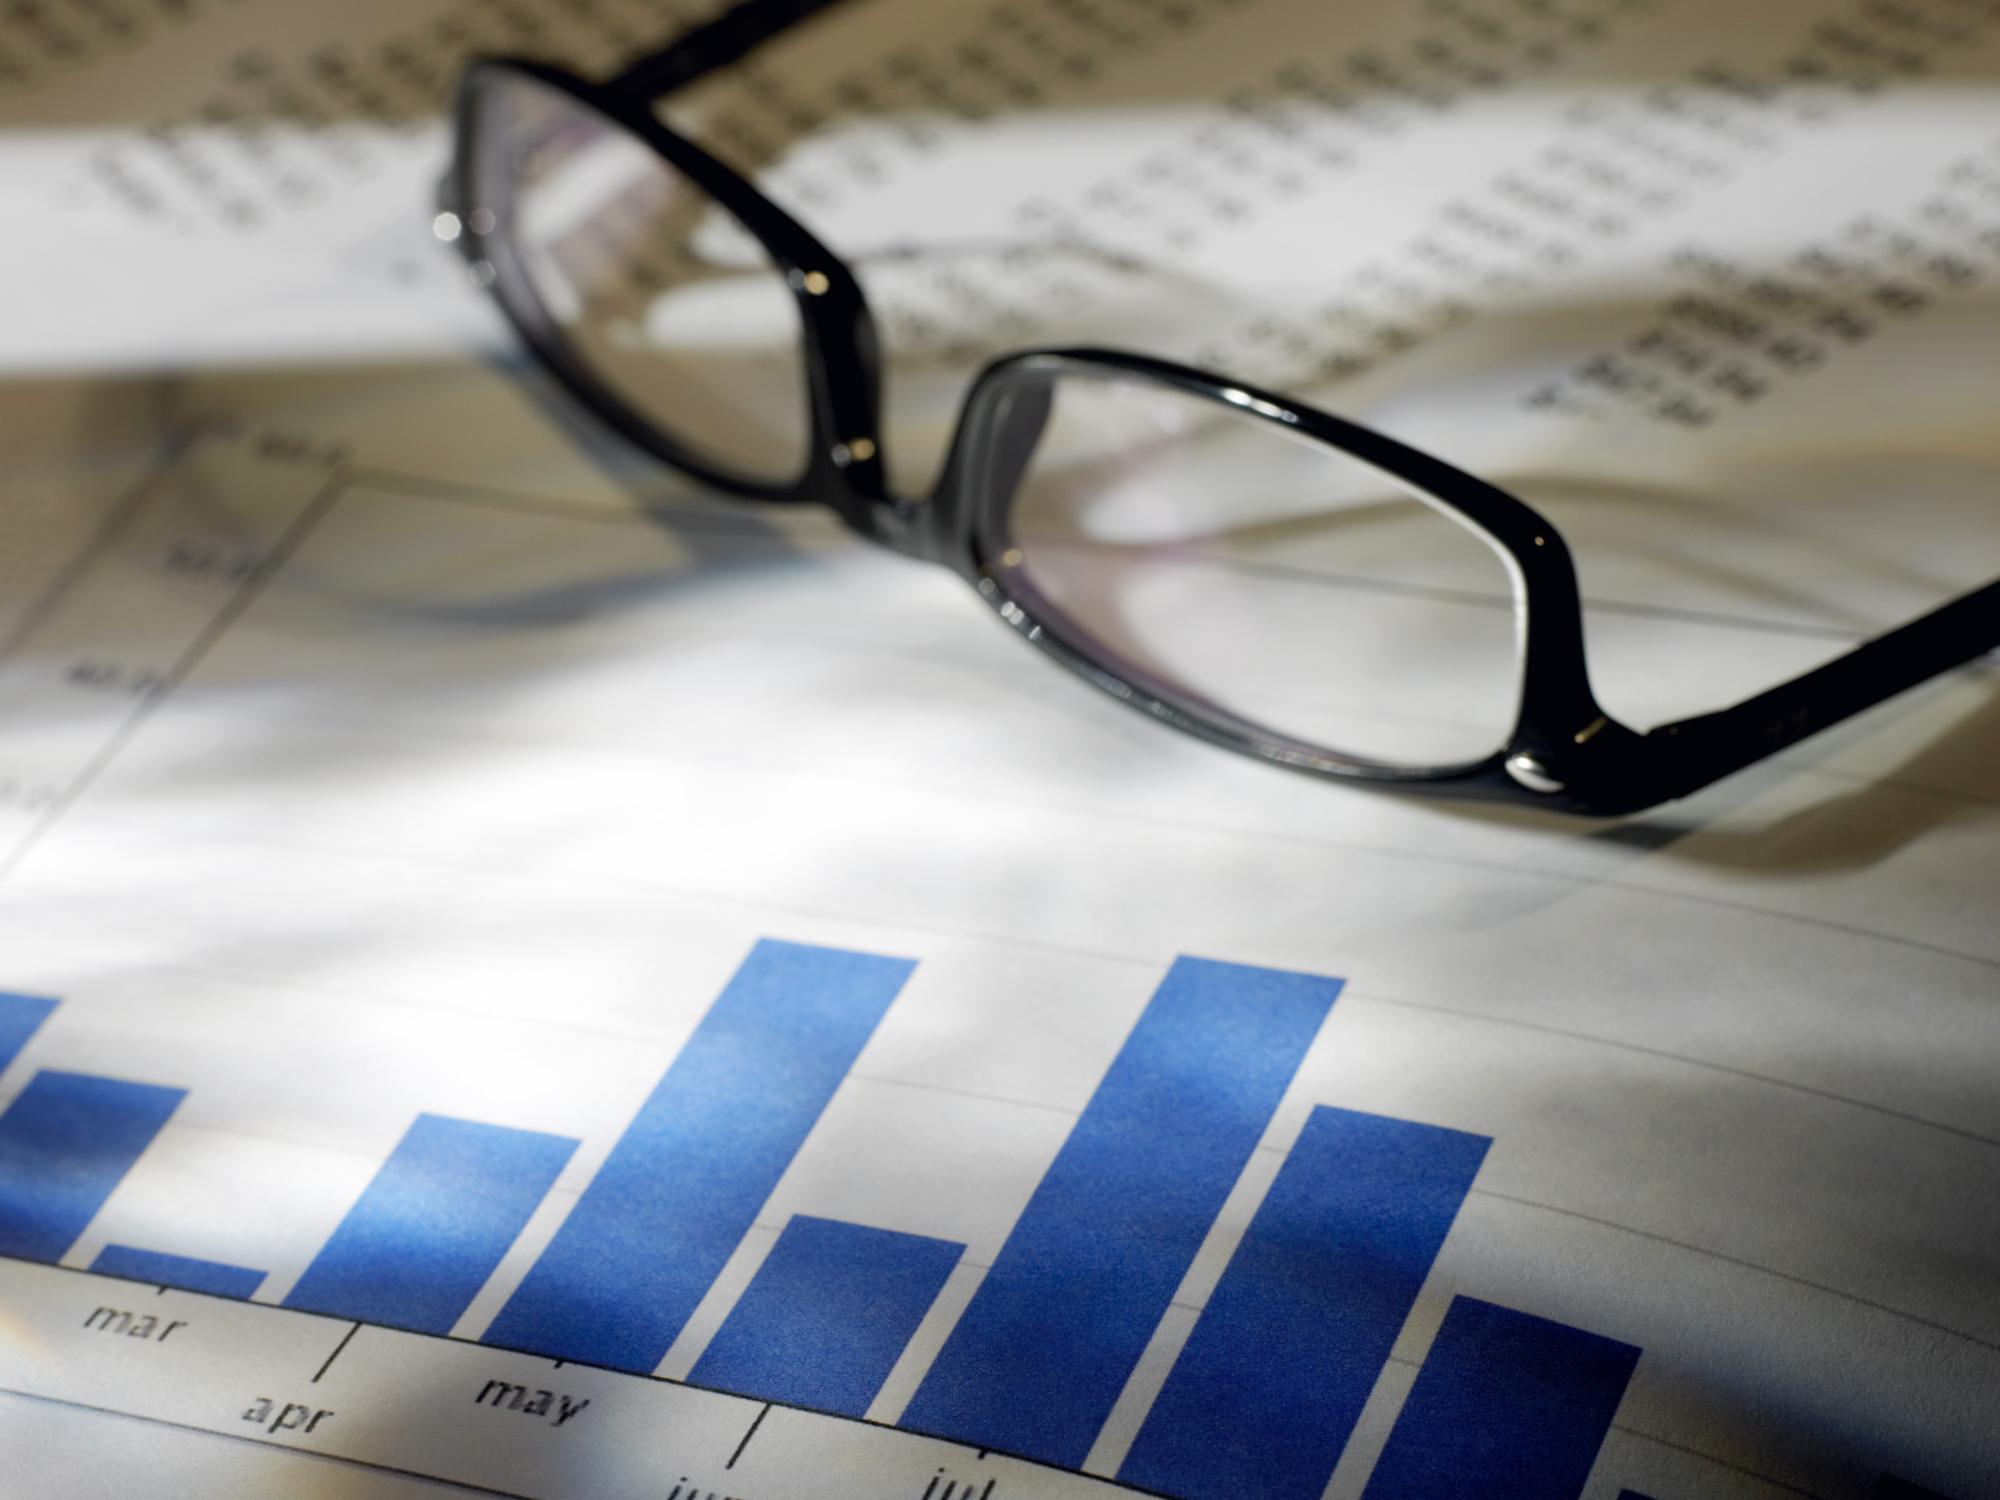 Pourquoi les dépenses pbliques sont-elles plus élevées dans certains pays ?